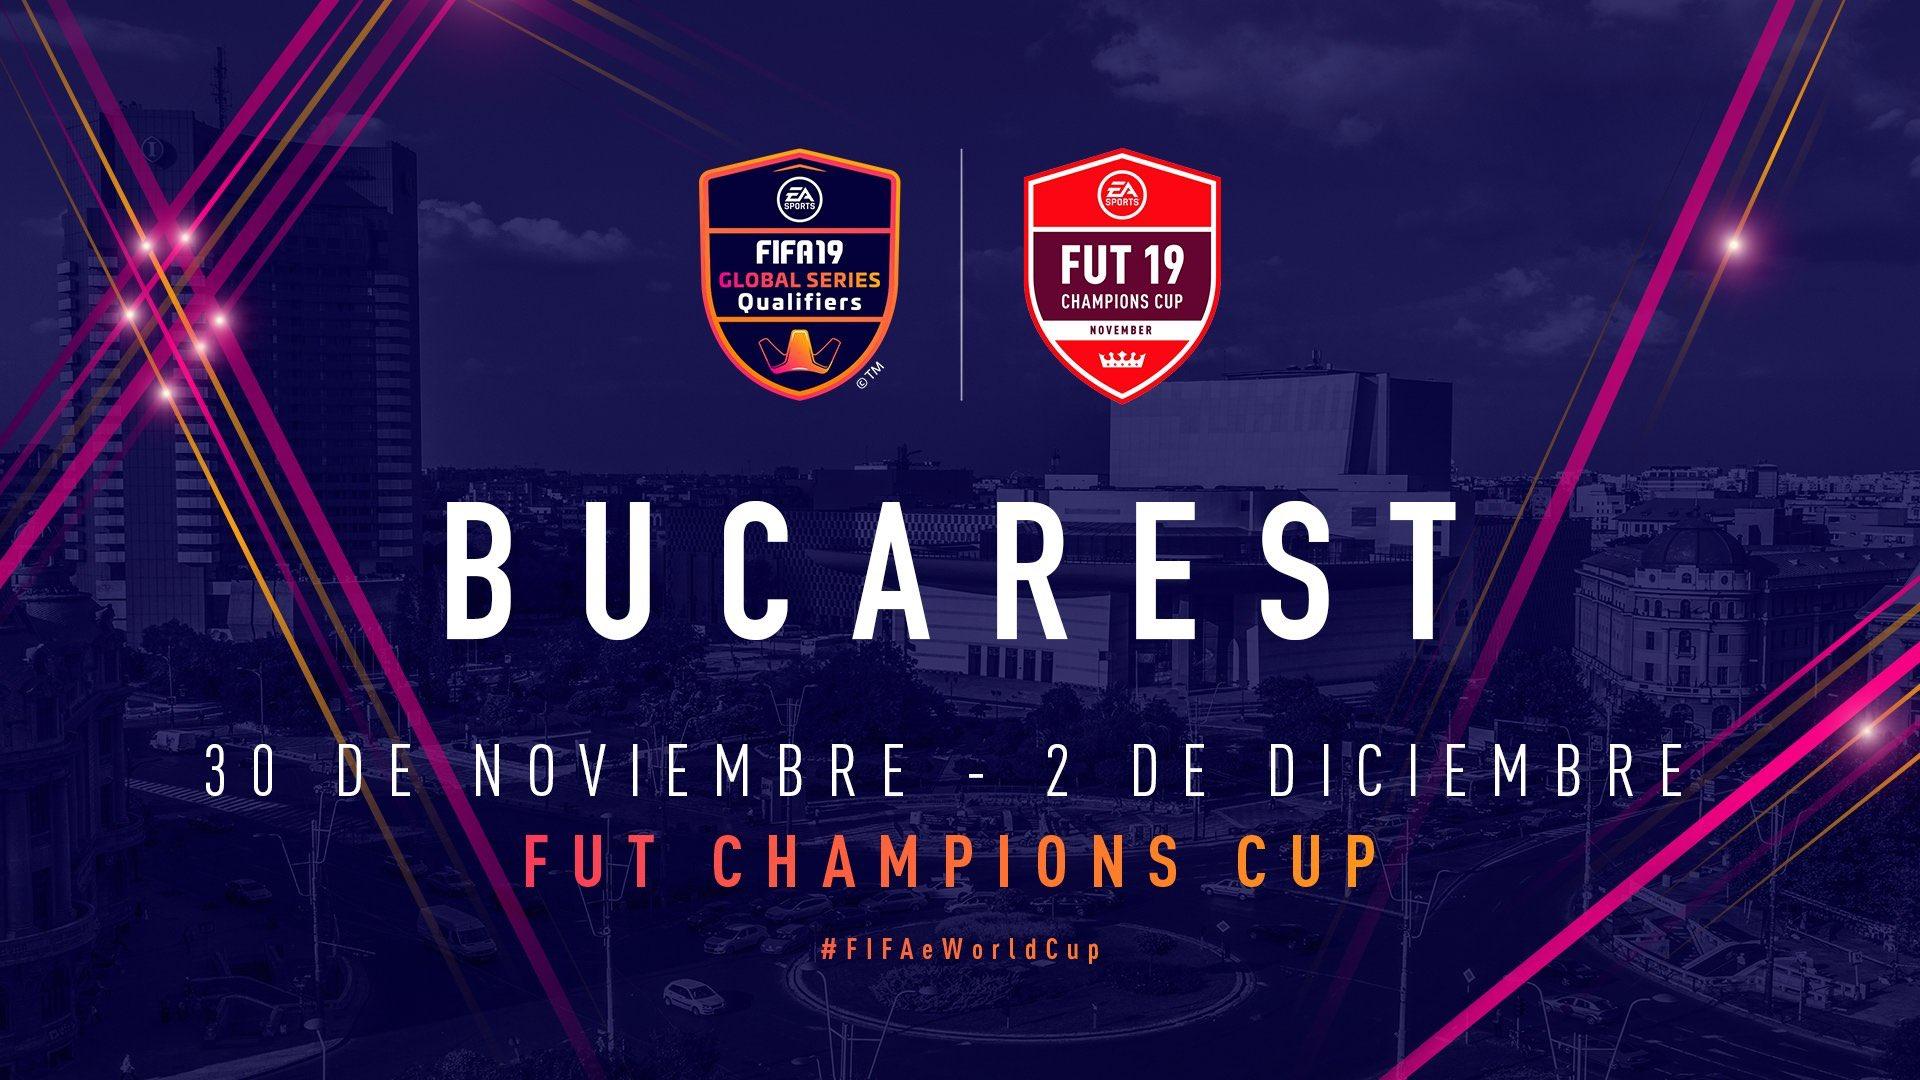 Bucarest FUT Champions CUP